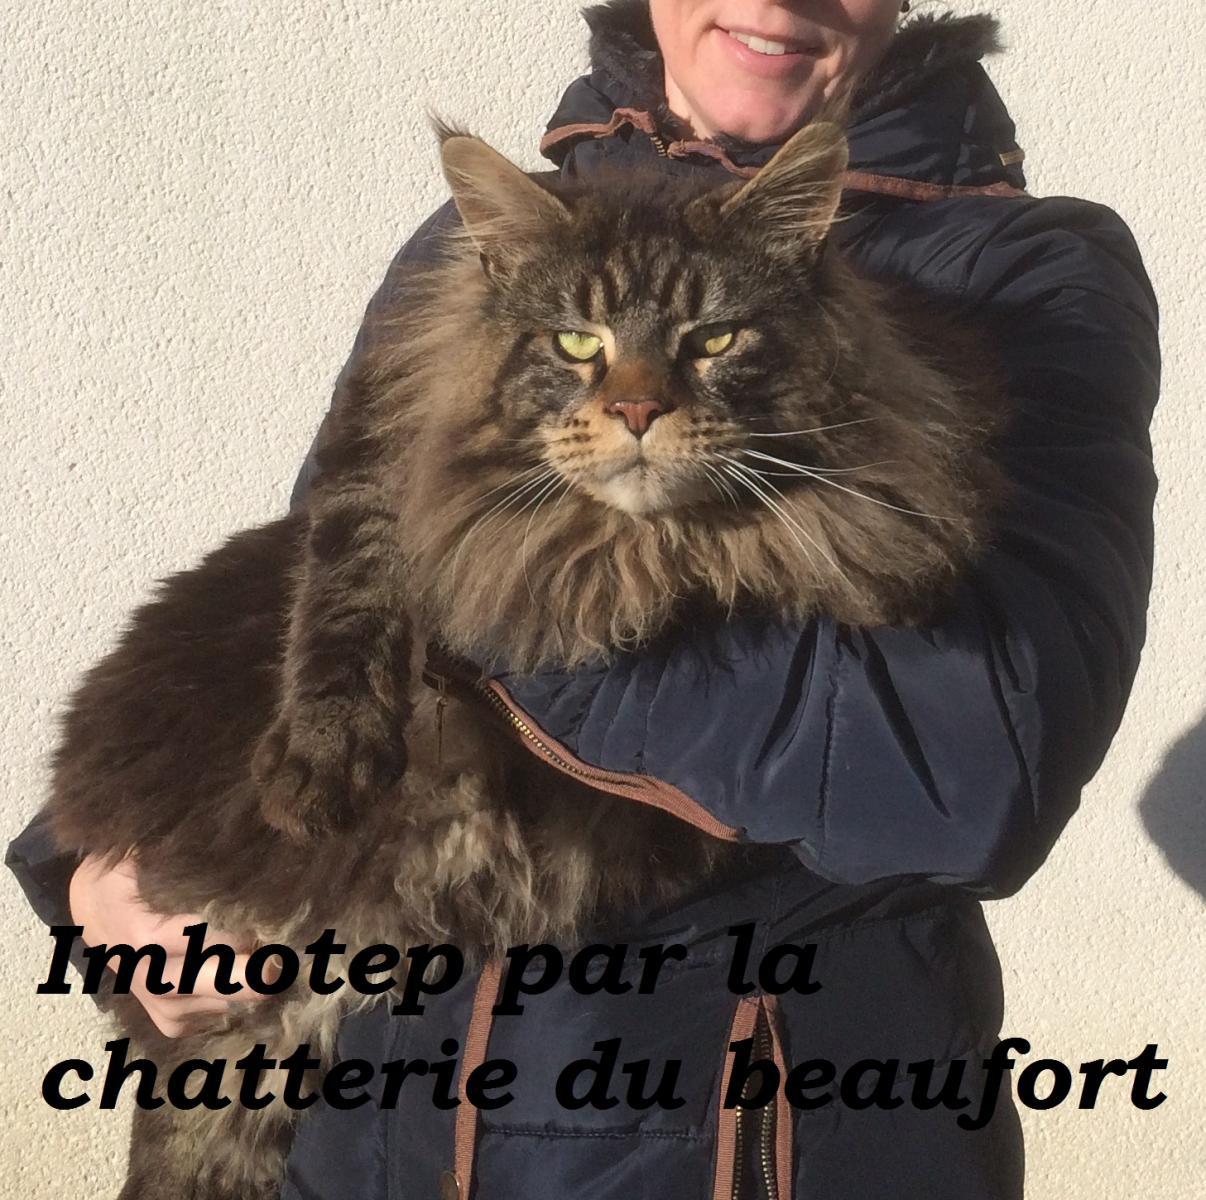 Du Beaufort